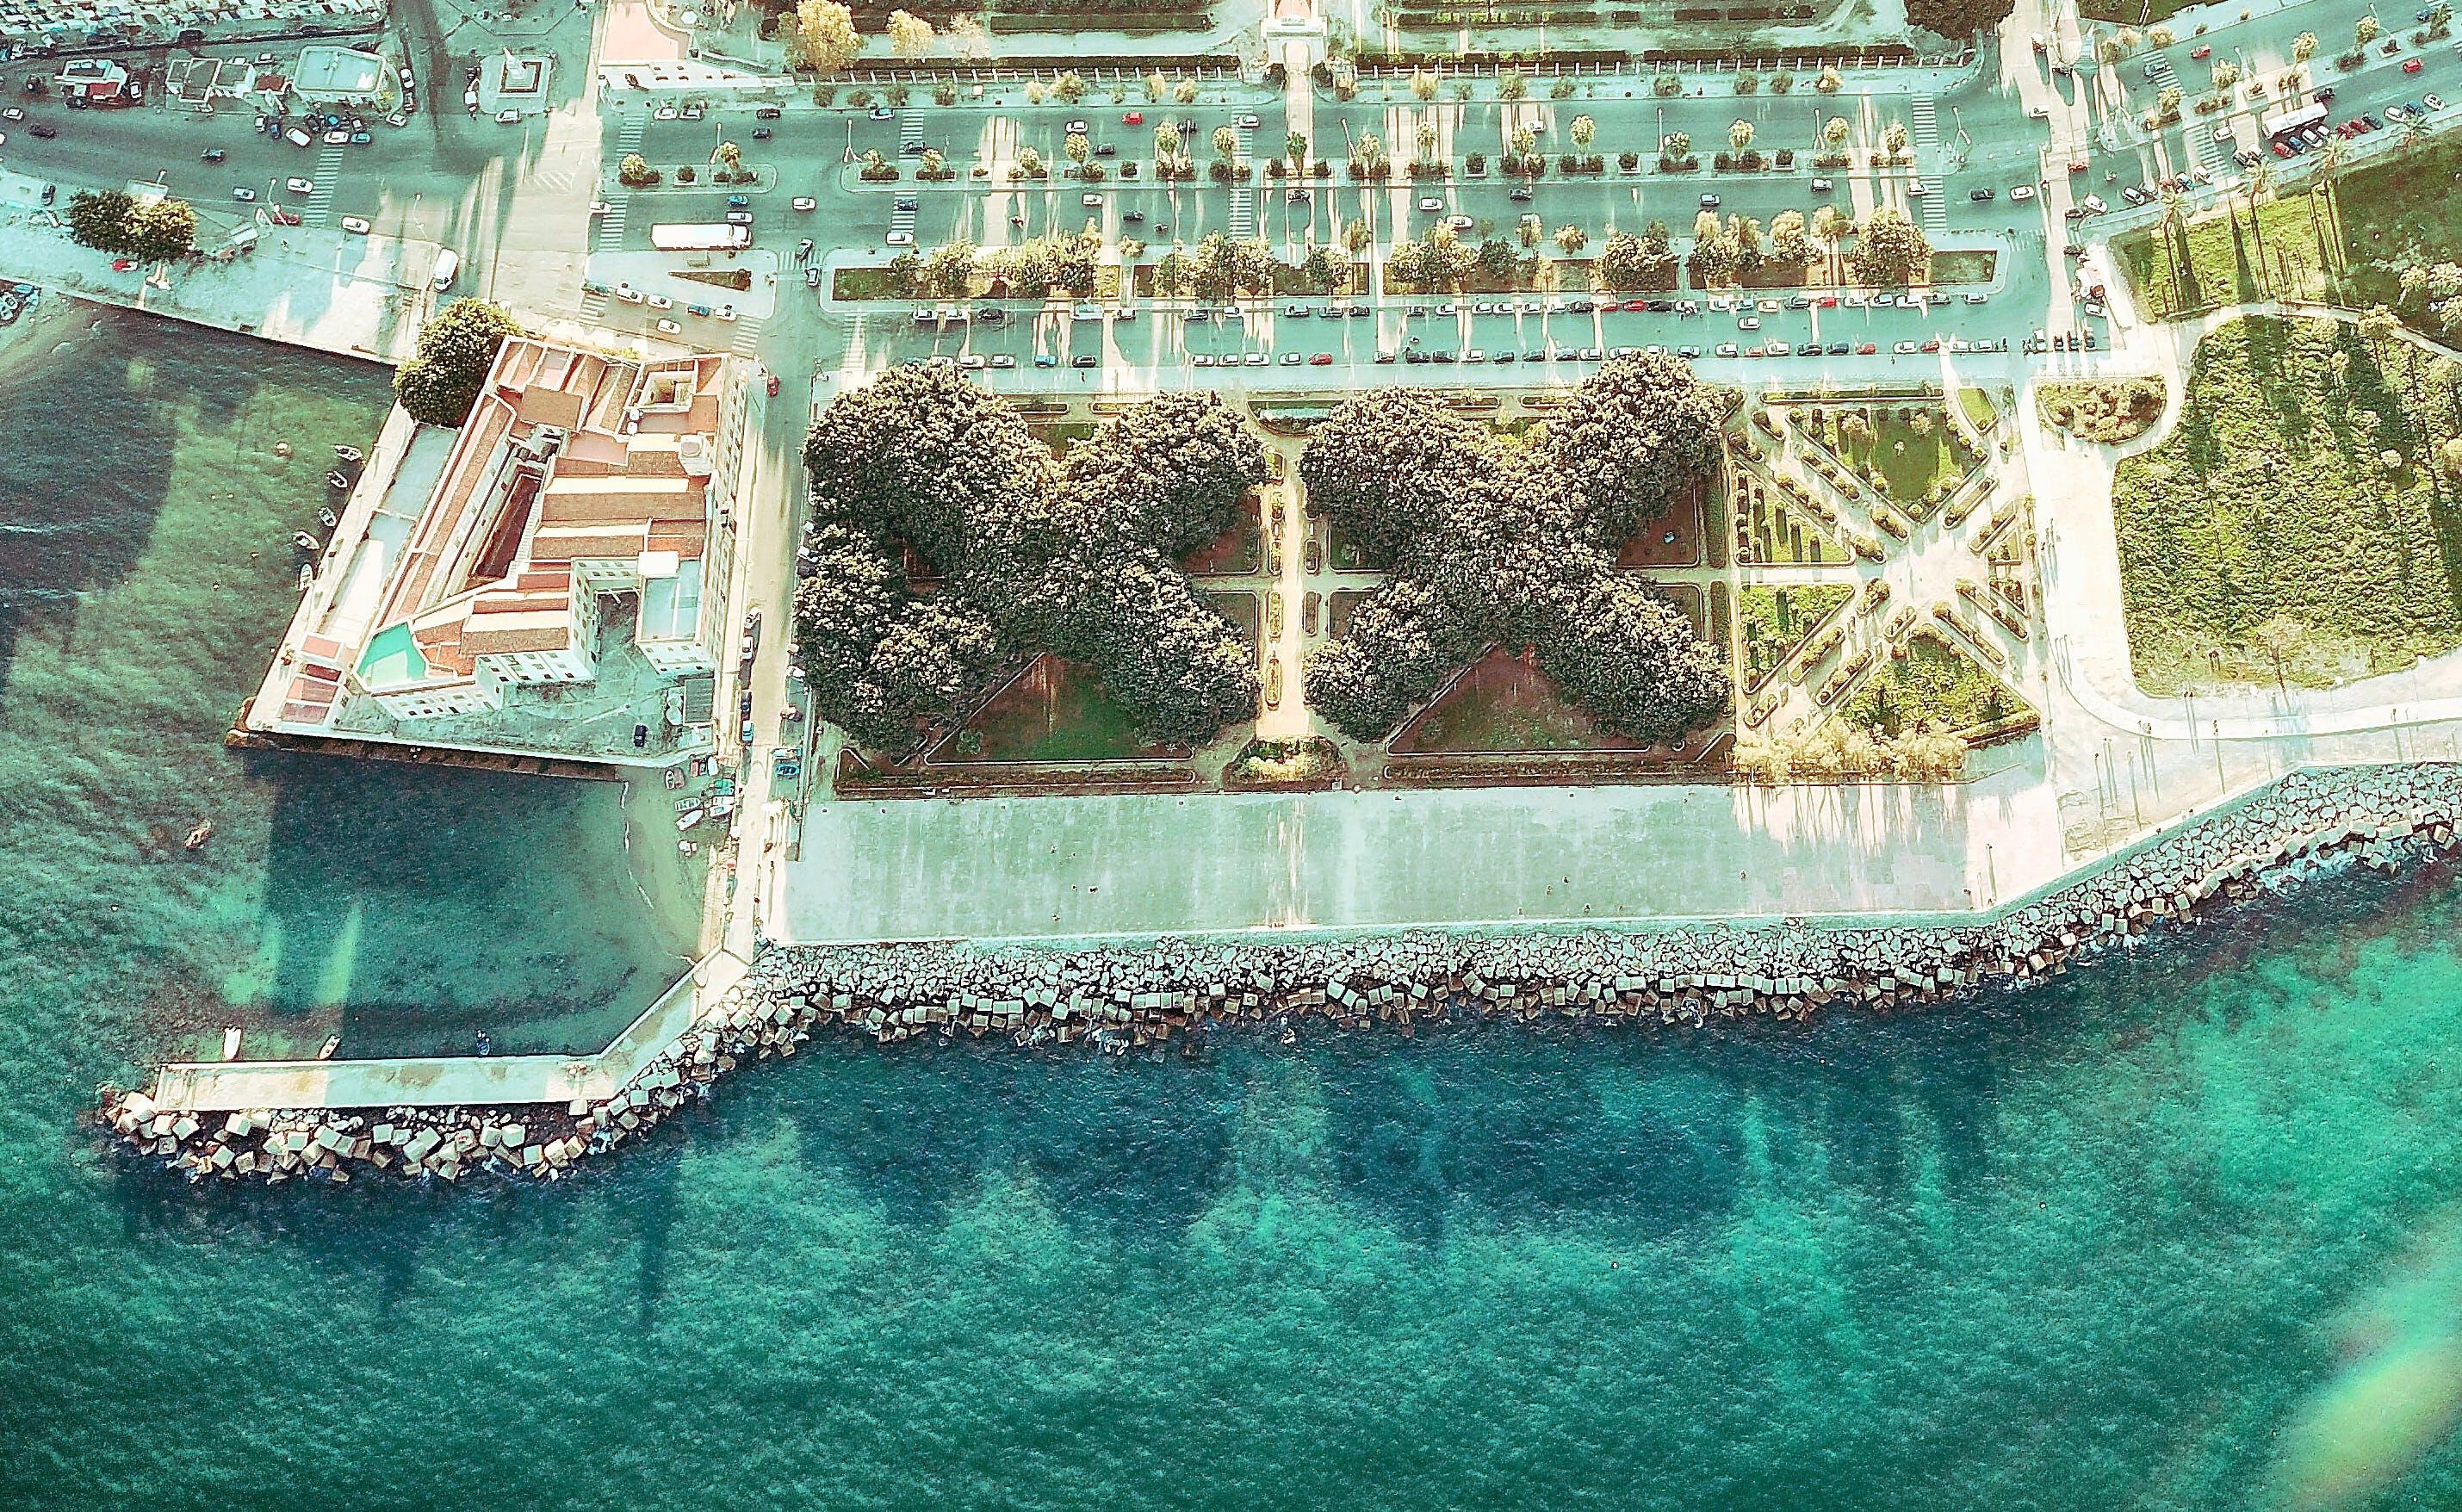 Δωρεάν στοκ φωτογραφιών με ακτή, αρχιτεκτονική, δέντρα, θάλασσα